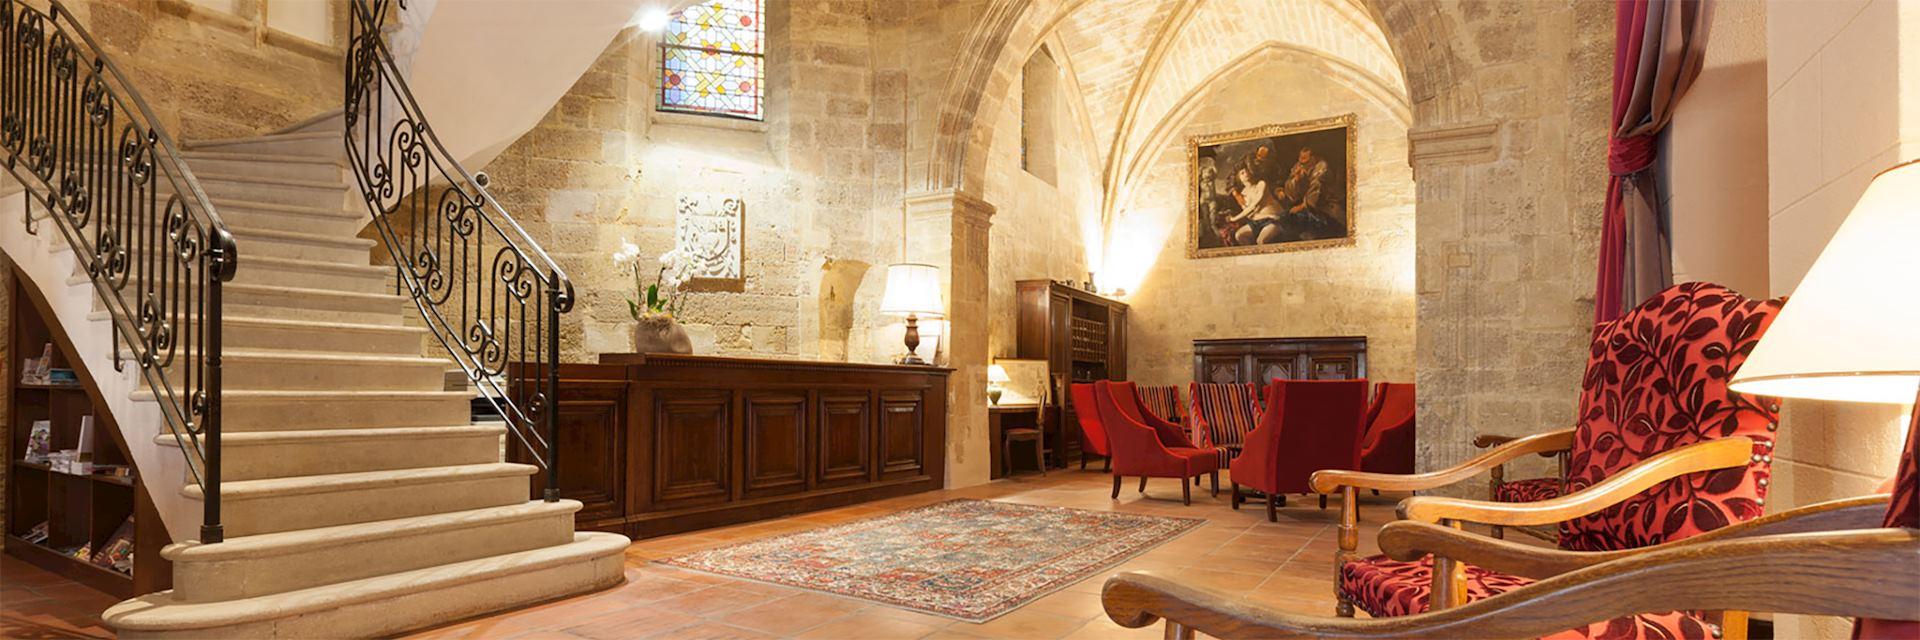 Hôtel des Augustins, Aix-en-Provence